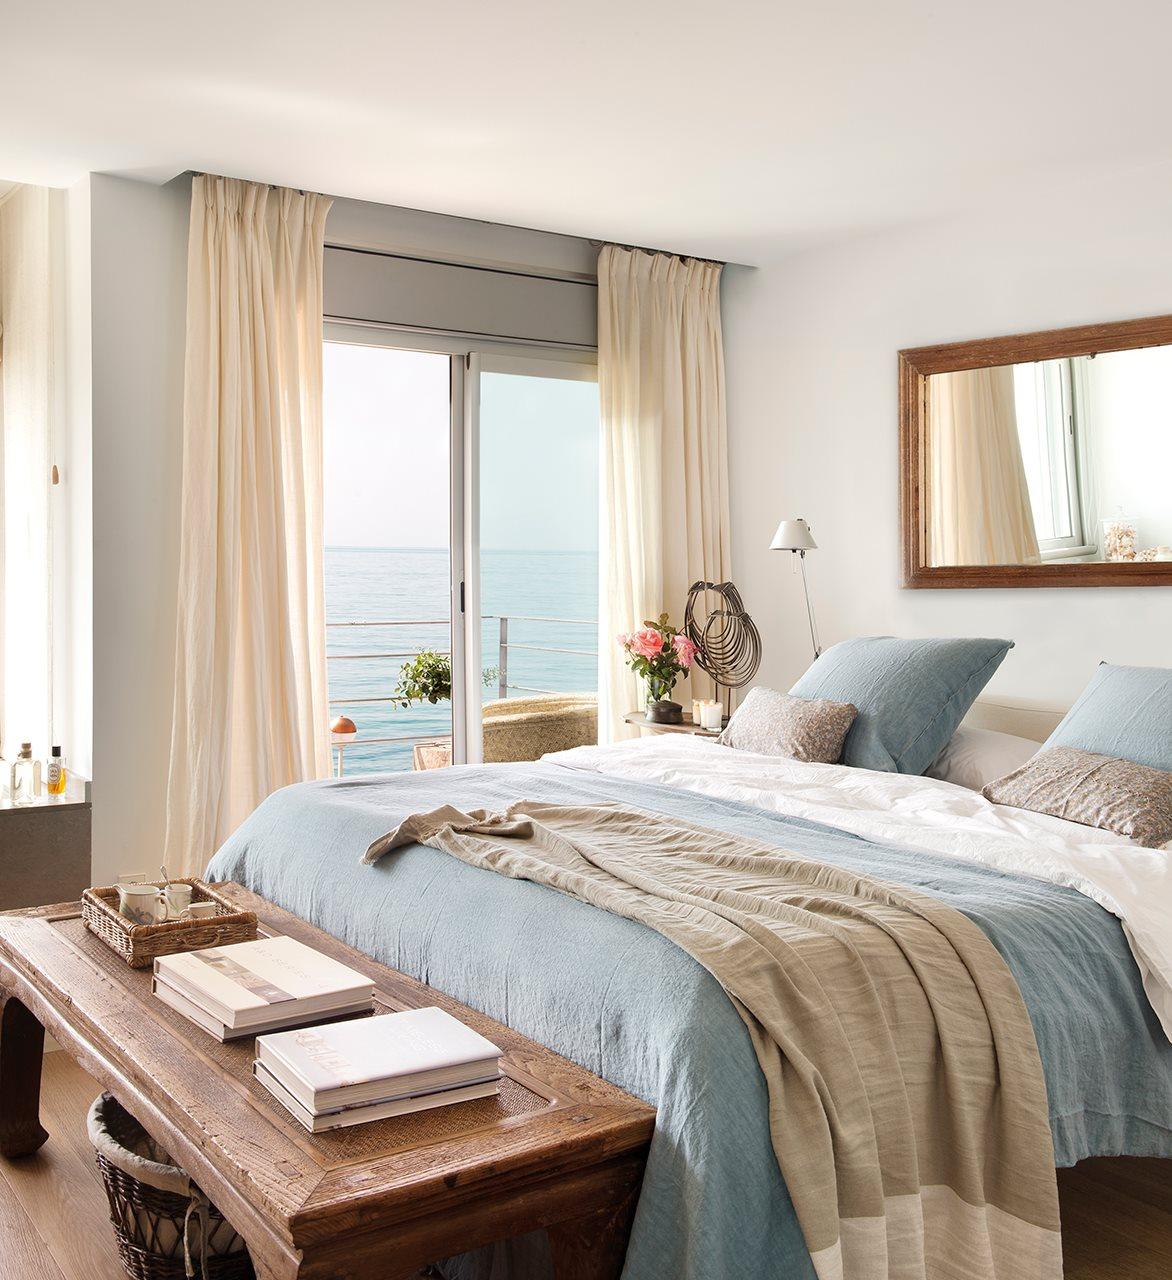 Una casa d plex con vistas al mar para un verano inolvidable for Dormitorio sala